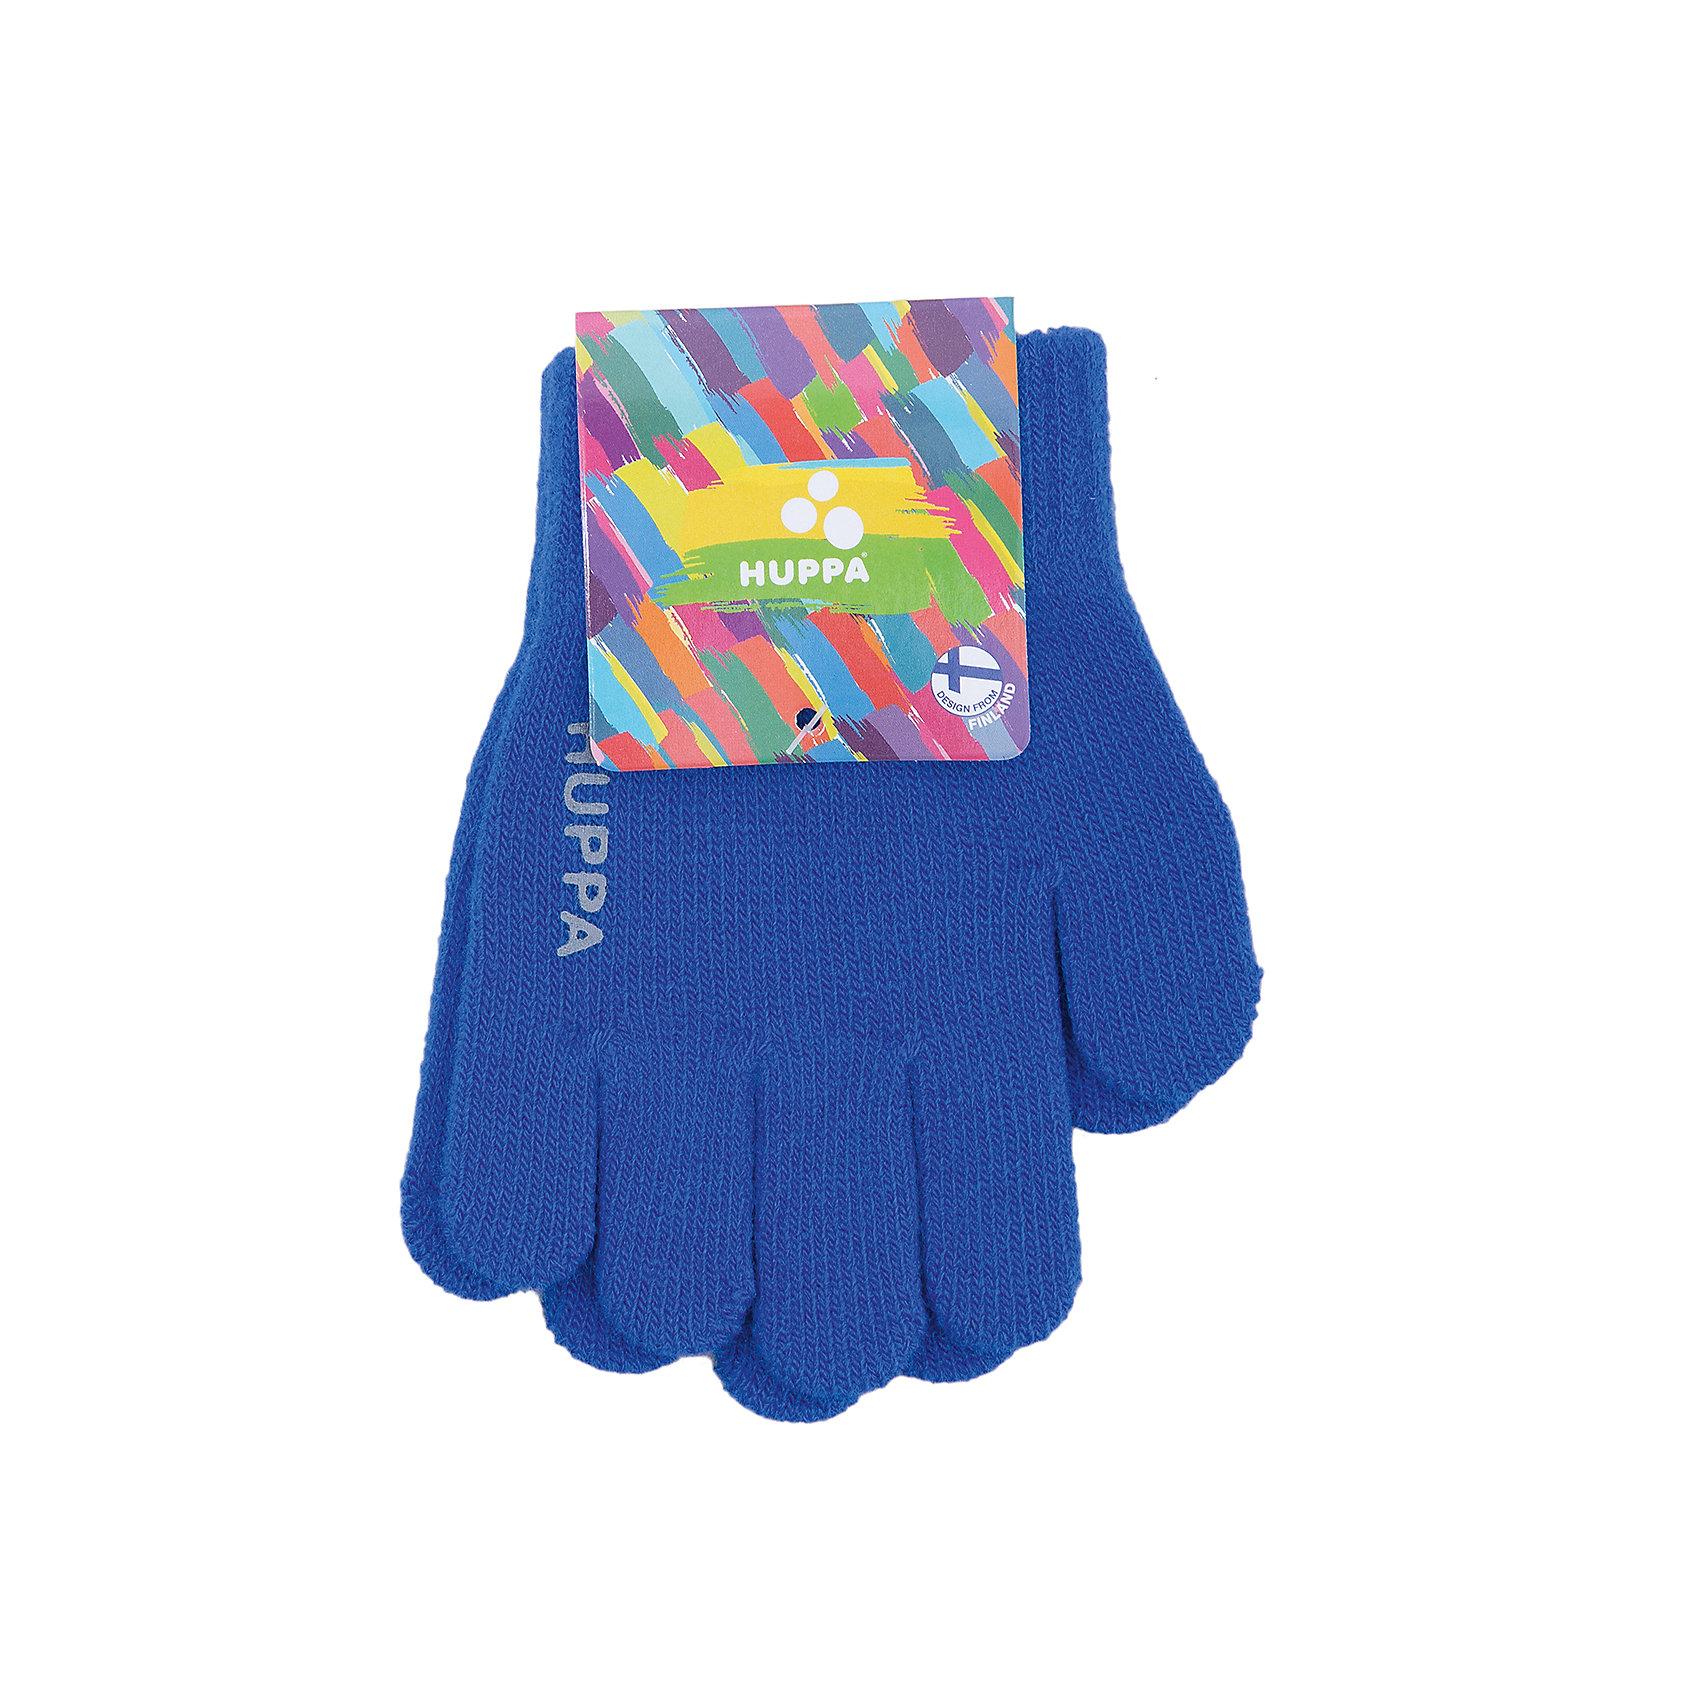 Перчатки LEVI HuppaХарактеристики товара:<br><br>• цвет: синий<br>• состав: 100% акрил<br>• температурный режим: от 0°С до +10°С<br>• мягкая пряжа<br>• логотип<br>• широкая мягкая резинка<br>• комфортная посадка<br>• страна бренда: Эстония<br><br>Эти перчатки обеспечат детям тепло и комфорт в межсезонье. Они сделаны из мягкого дышащего материала, поэтому изделие идеально подходит для межсезонья. Перчатки очень симпатично смотрятся. Модель была разработана специально для детей.<br><br>Одежда и обувь от популярного эстонского бренда Huppa - отличный вариант одеть ребенка можно и комфортно. Вещи, выпускаемые компанией, качественные, продуманные и очень удобные. Для производства изделий используются только безопасные для детей материалы. Продукция от Huppa порадует и детей, и их родителей!<br><br>Перчатки LEVI от бренда Huppa (Хуппа) можно купить в нашем интернет-магазине.<br><br>Ширина мм: 162<br>Глубина мм: 171<br>Высота мм: 55<br>Вес г: 119<br>Цвет: синий<br>Возраст от месяцев: 6<br>Возраст до месяцев: 12<br>Пол: Мужской<br>Возраст: Детский<br>Размер: 1,2<br>SKU: 5348067